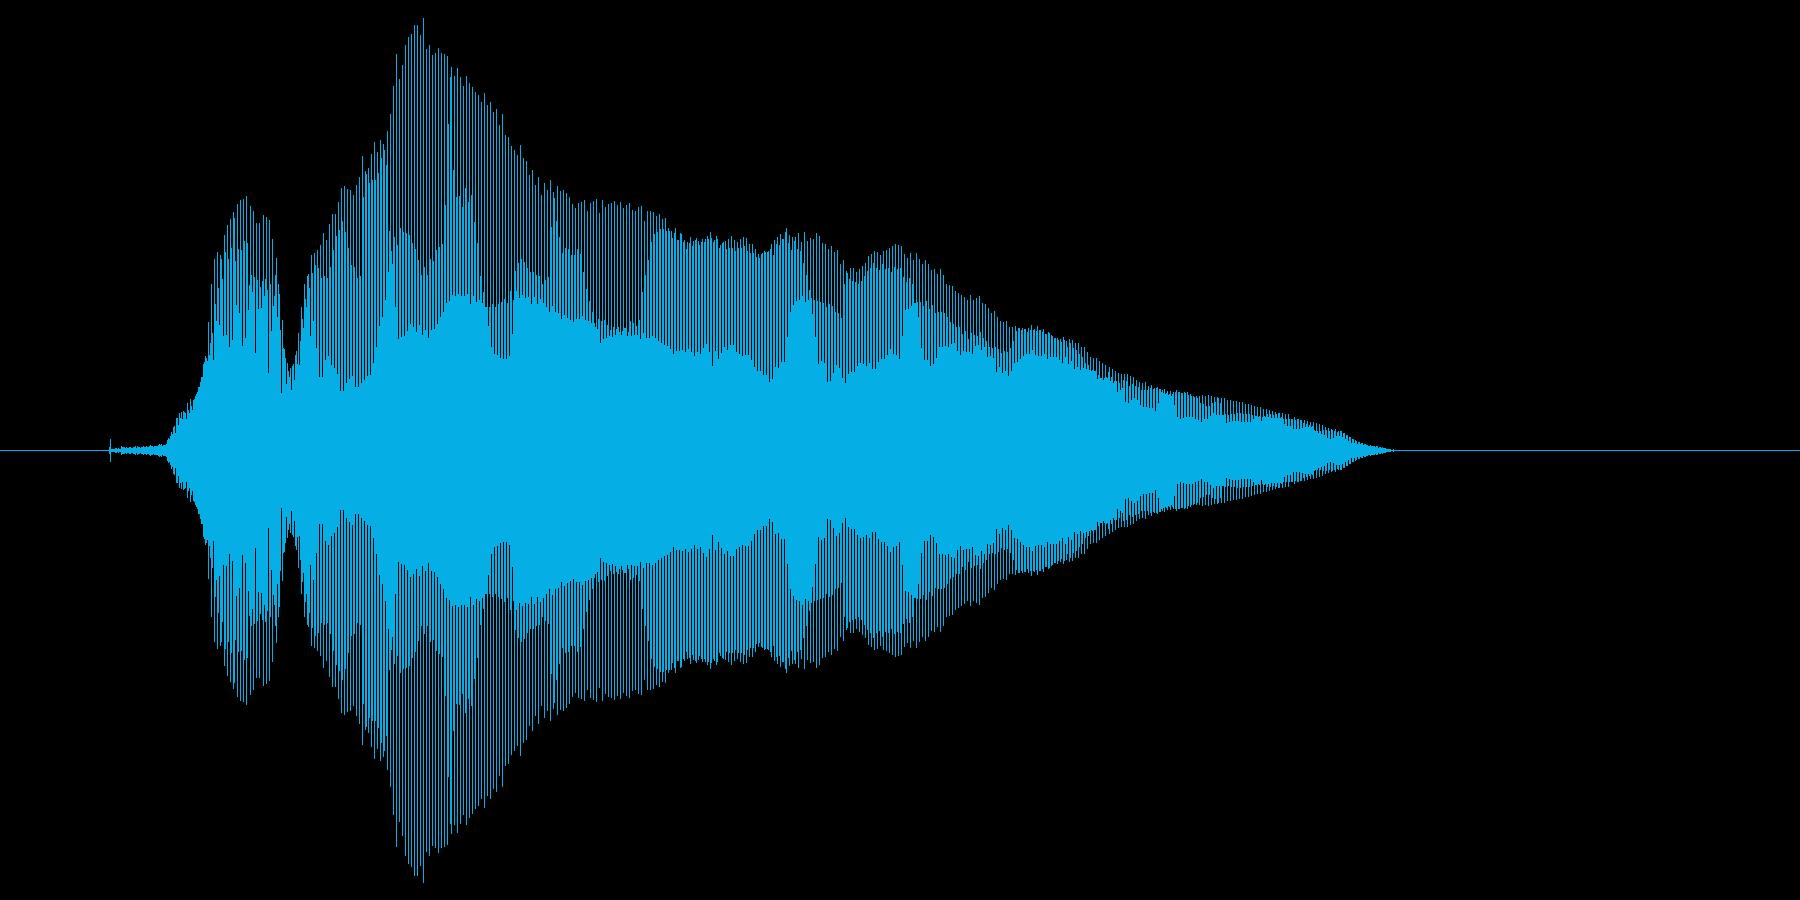 キラーン!の再生済みの波形